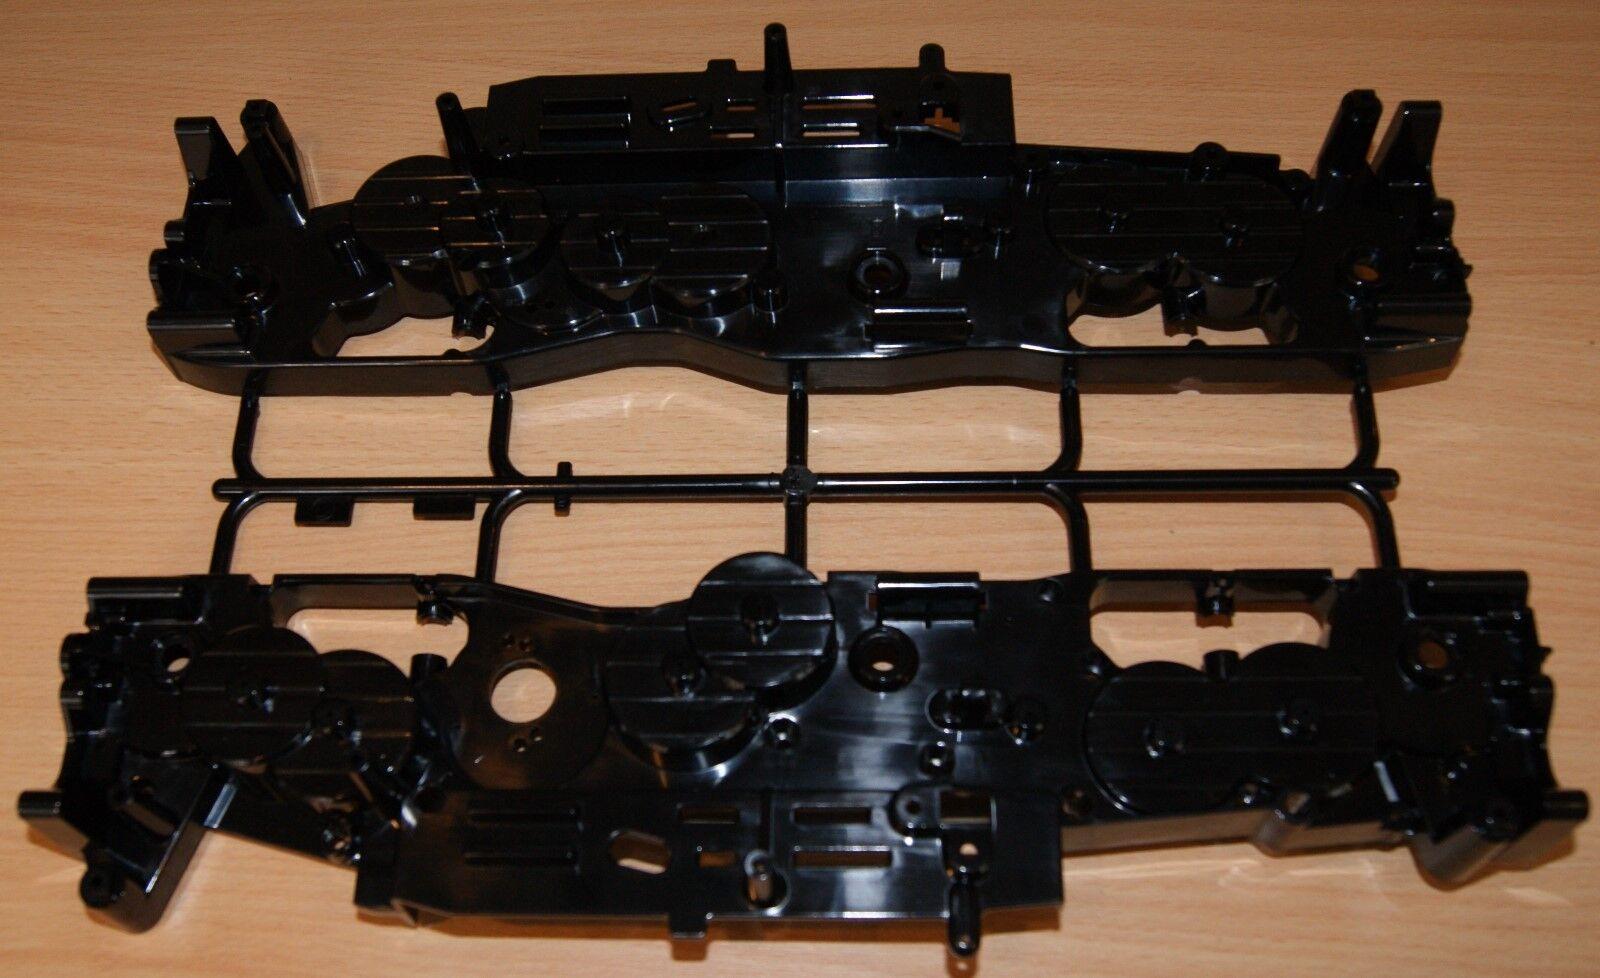 Tamiya 58646 Konghead 6x6 G6-01, 9000970 19000970 D Parts (Chassis), NEW